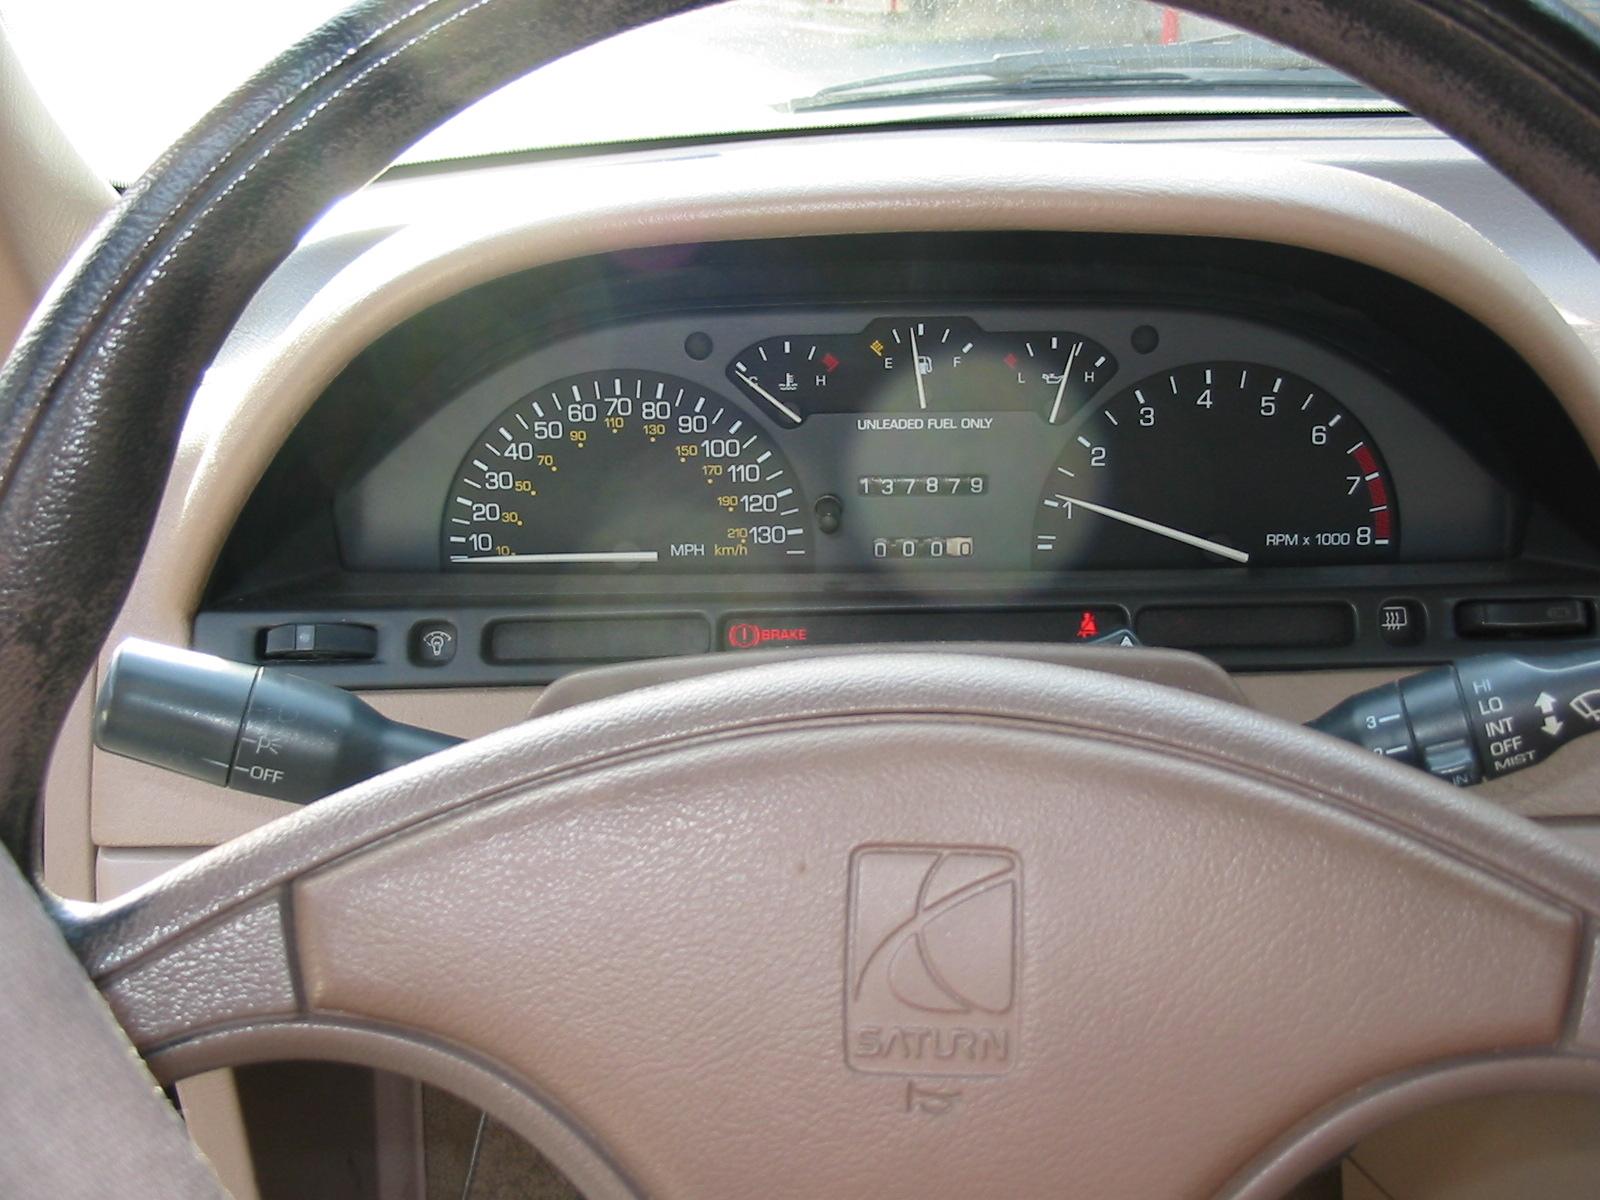 For sale 1992 saturn sl2 2000 obo